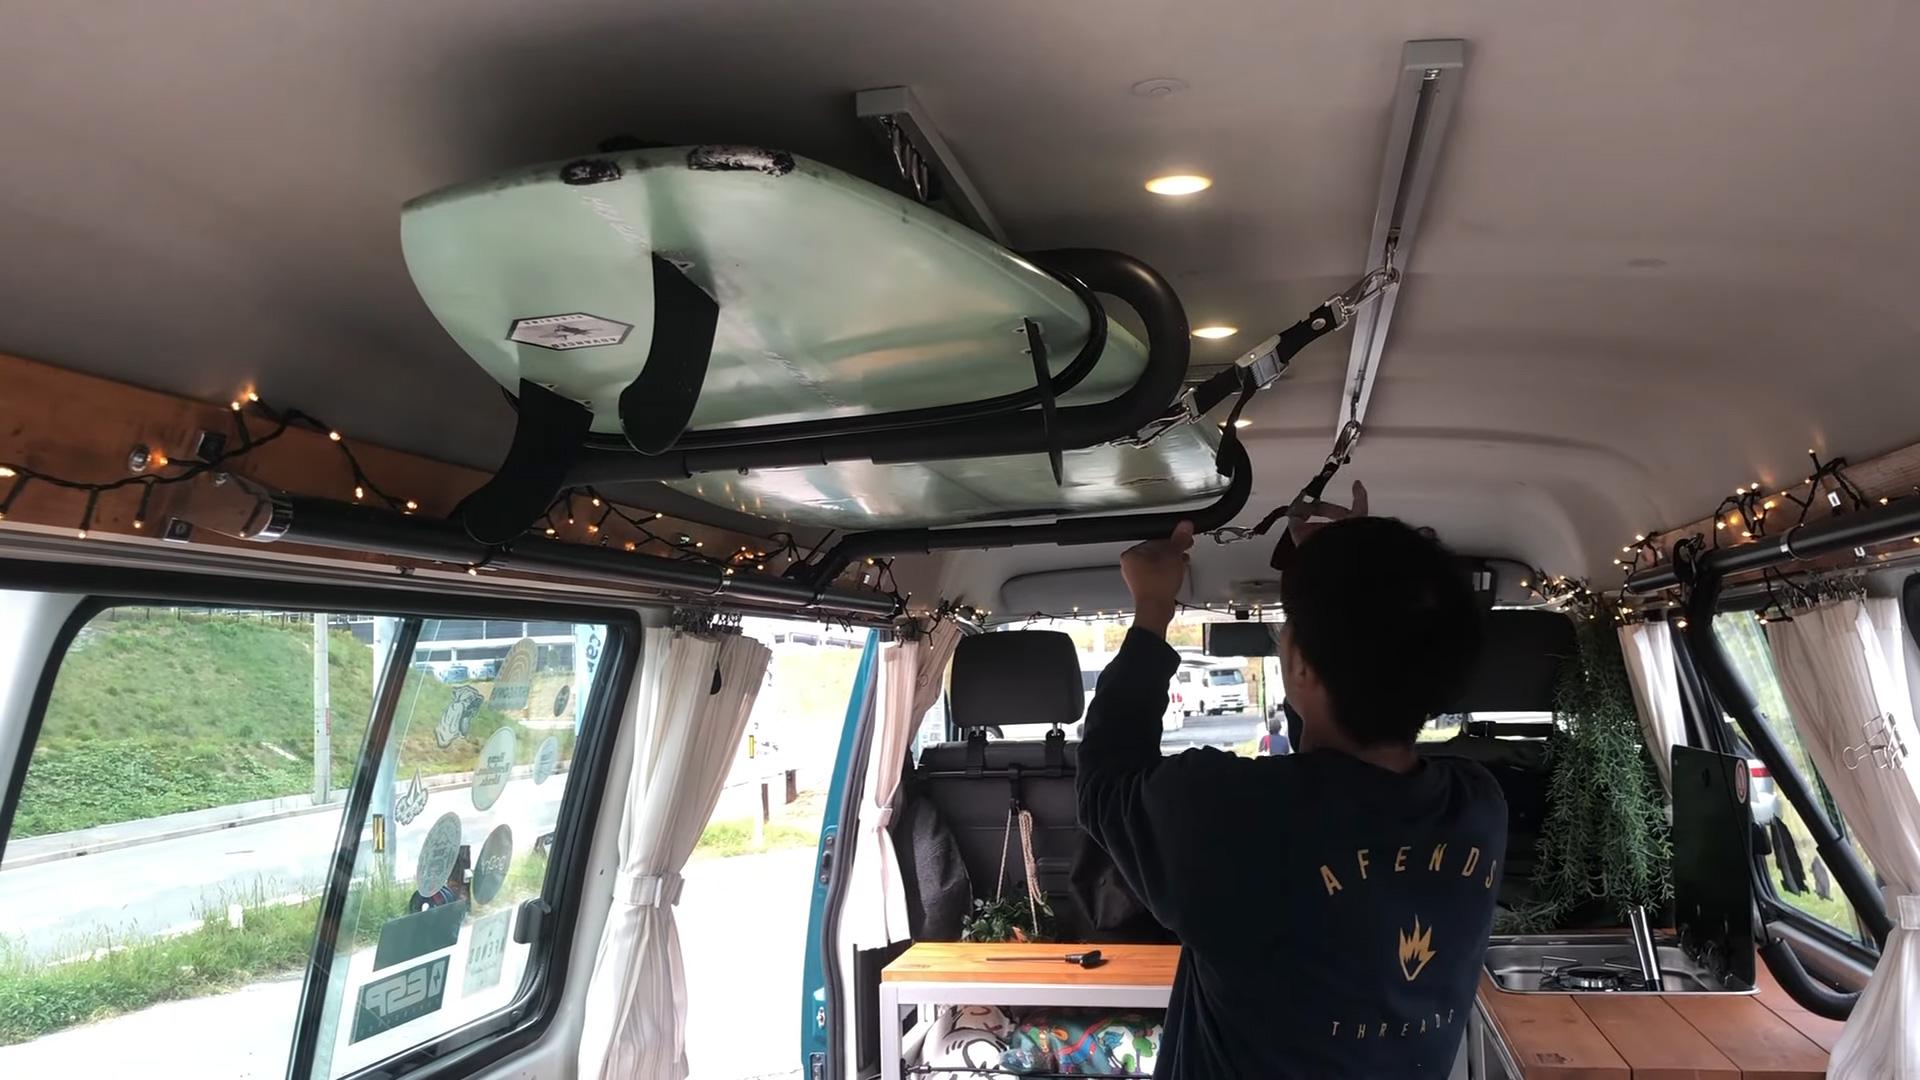 サーフィン向け-ボンゴブローニイバンのキャンピングカー BrawnyRIW-S 車内/サーフボード天井積載